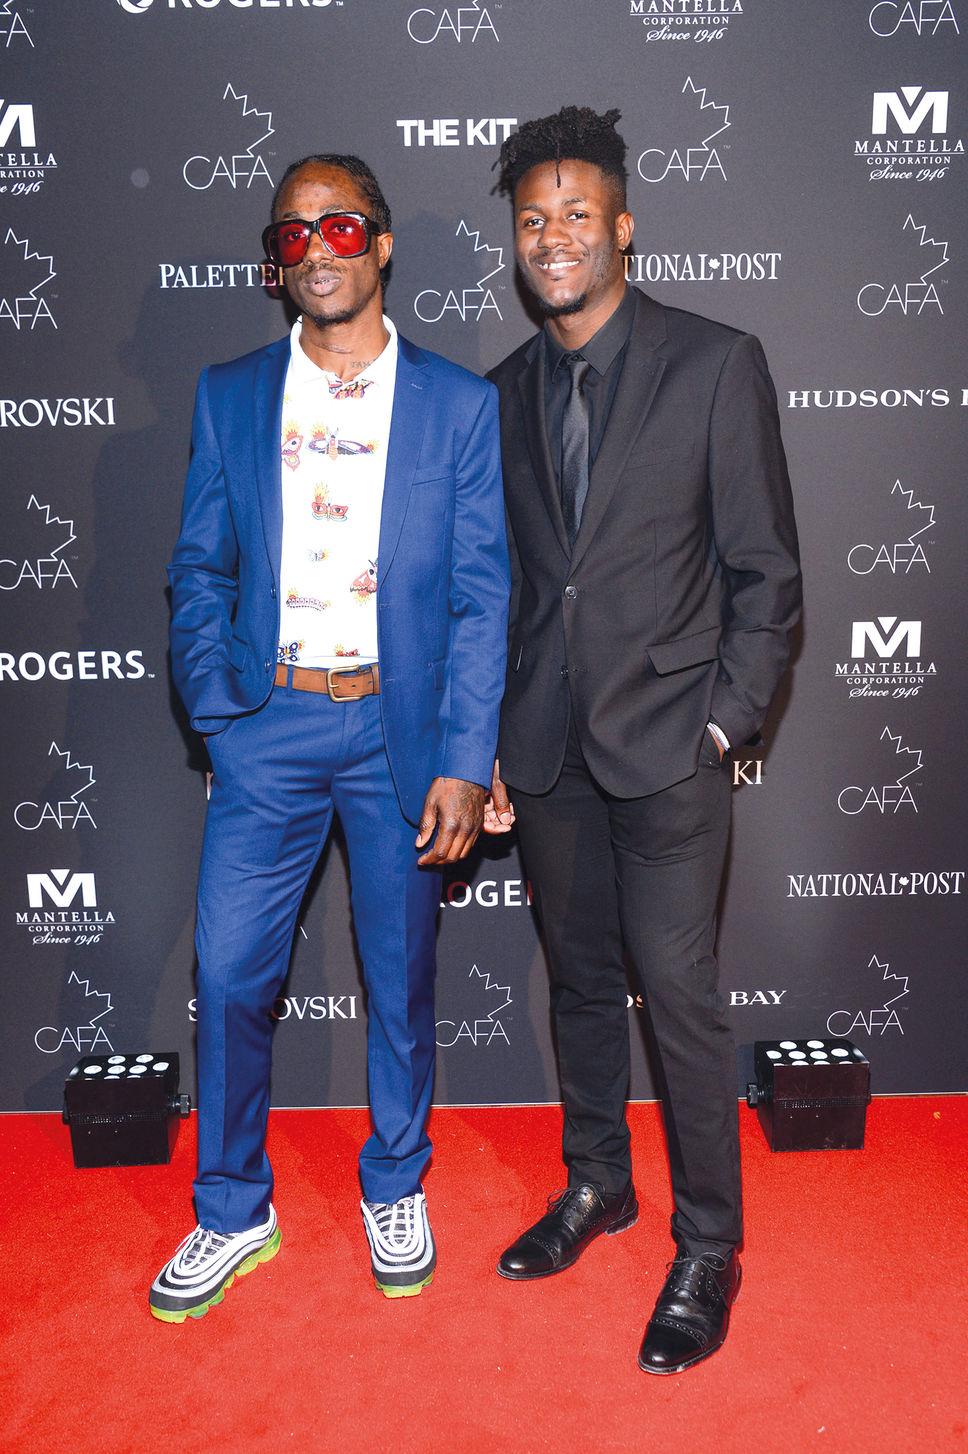 Les frères Awuye de Atelier New Regime, Tapis rouge CAFA 2018, Crédit Photo:  Journal de Montréal